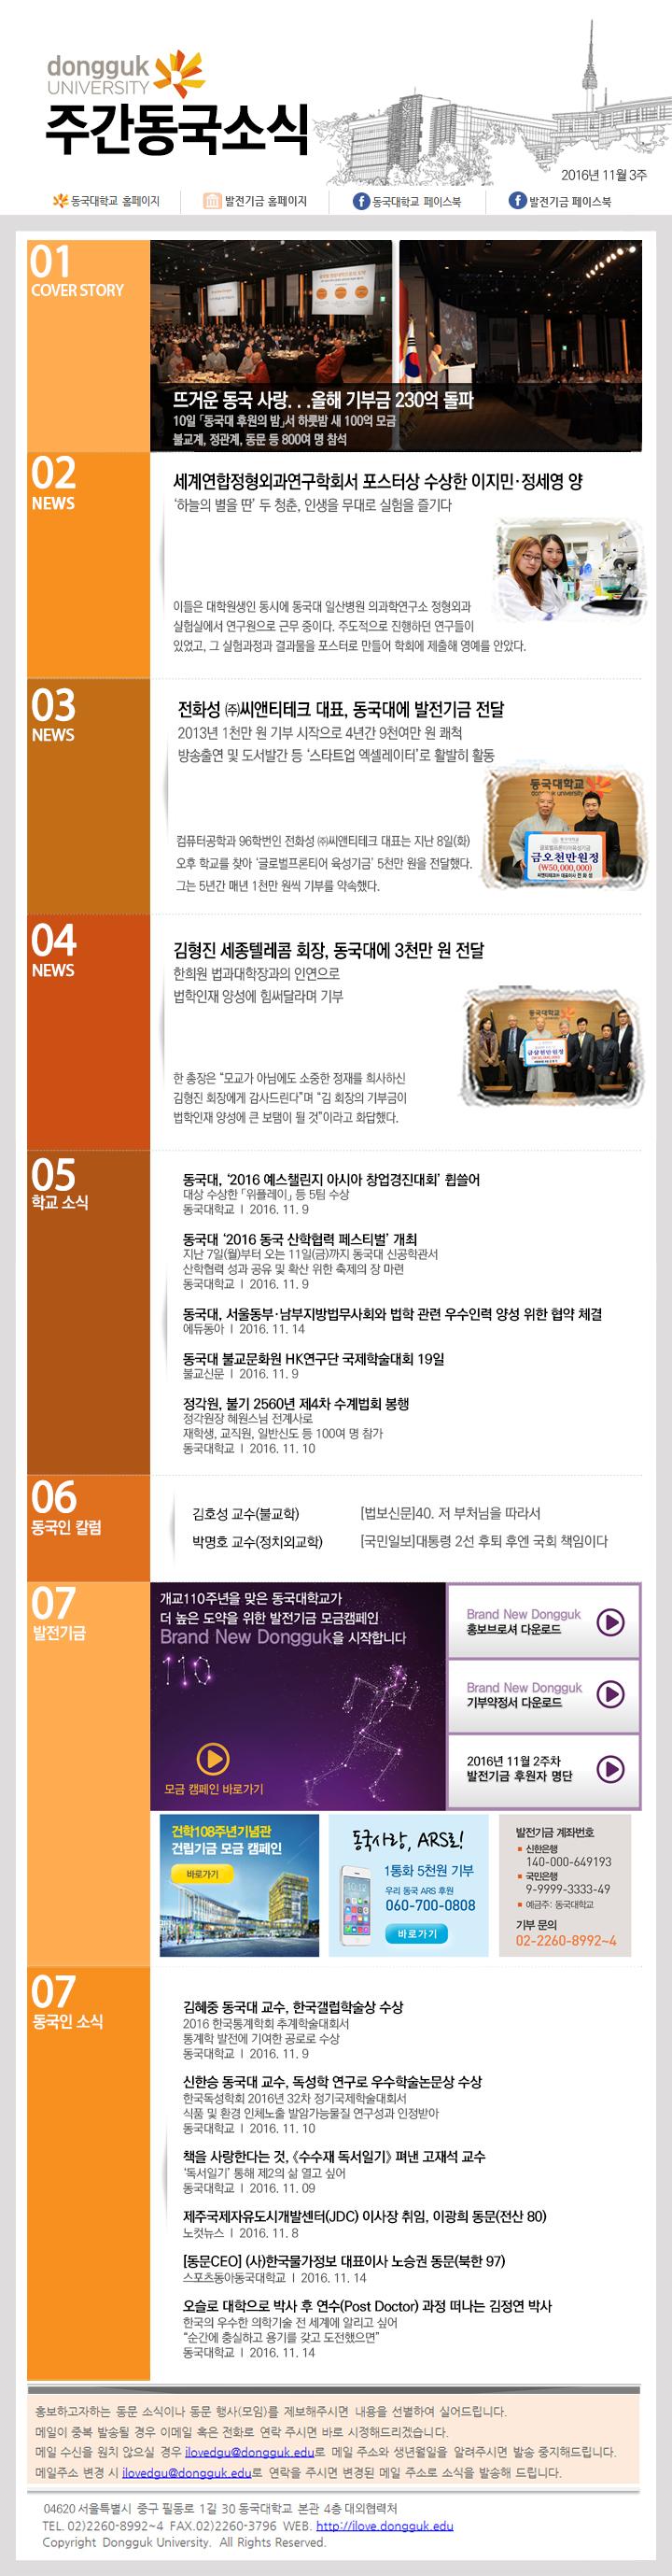 동국웹진 2016년 11월 3주/자세한 내용은 첨부파일로 확인하실 수 있습니다.